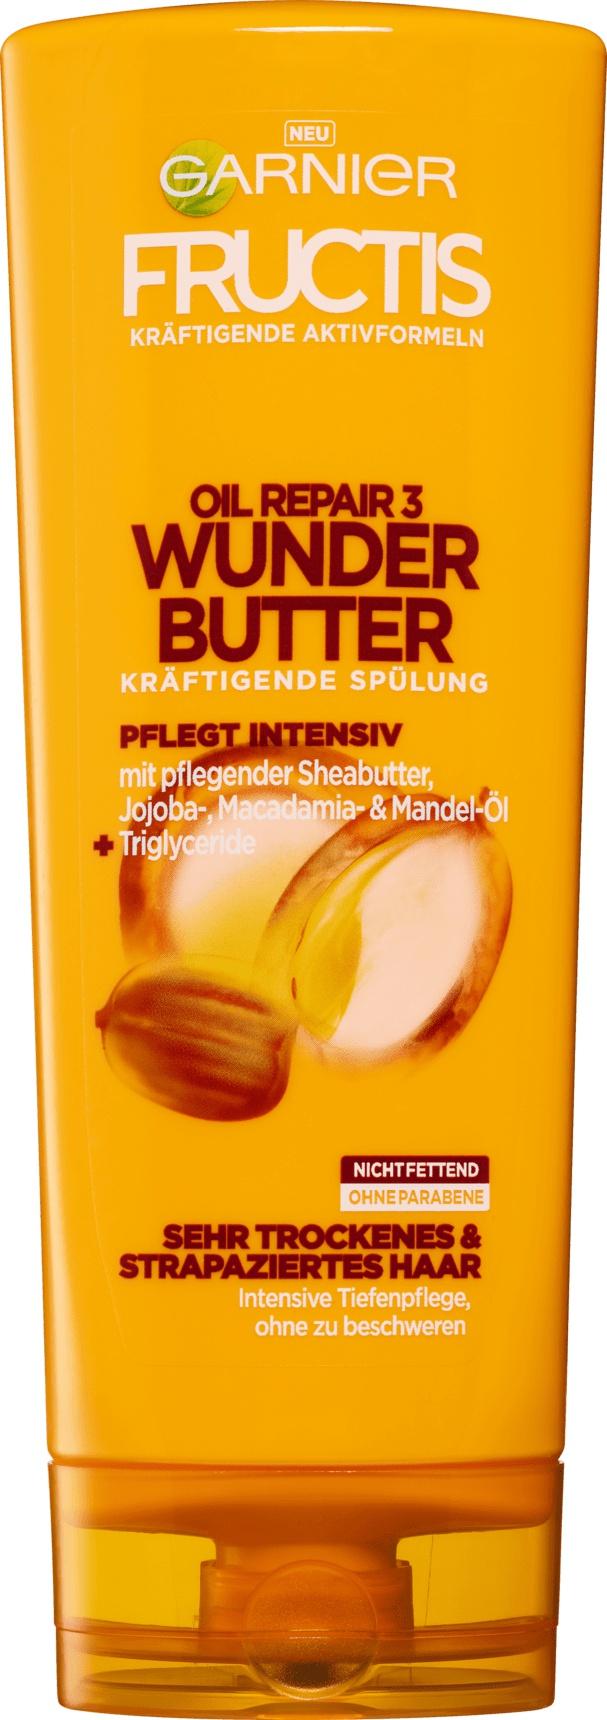 Garnier Fructis Spülung Oil Repair Wunderbutter